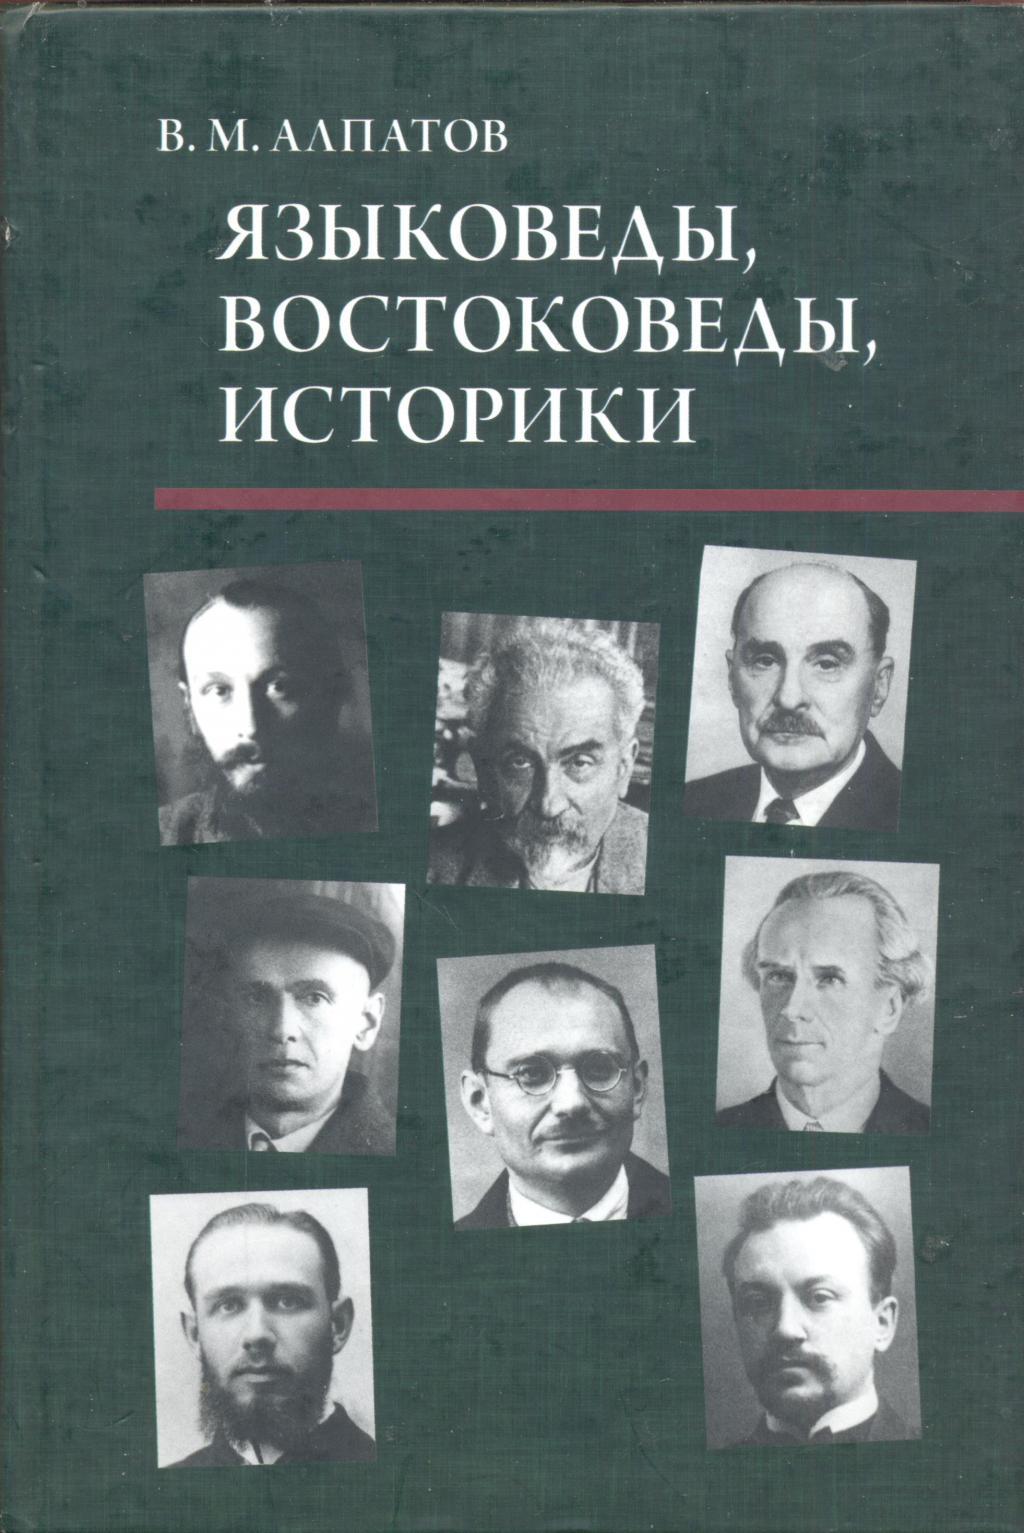 Портрет хирурга н бурденко